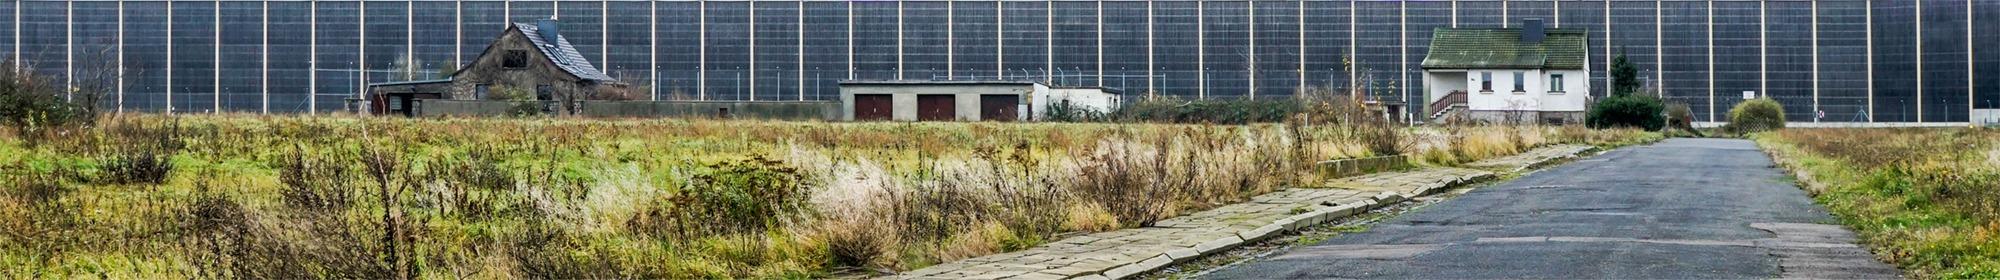 Kursdorf im Norden von Leipzig ist inzwischen ein Geisterdorf